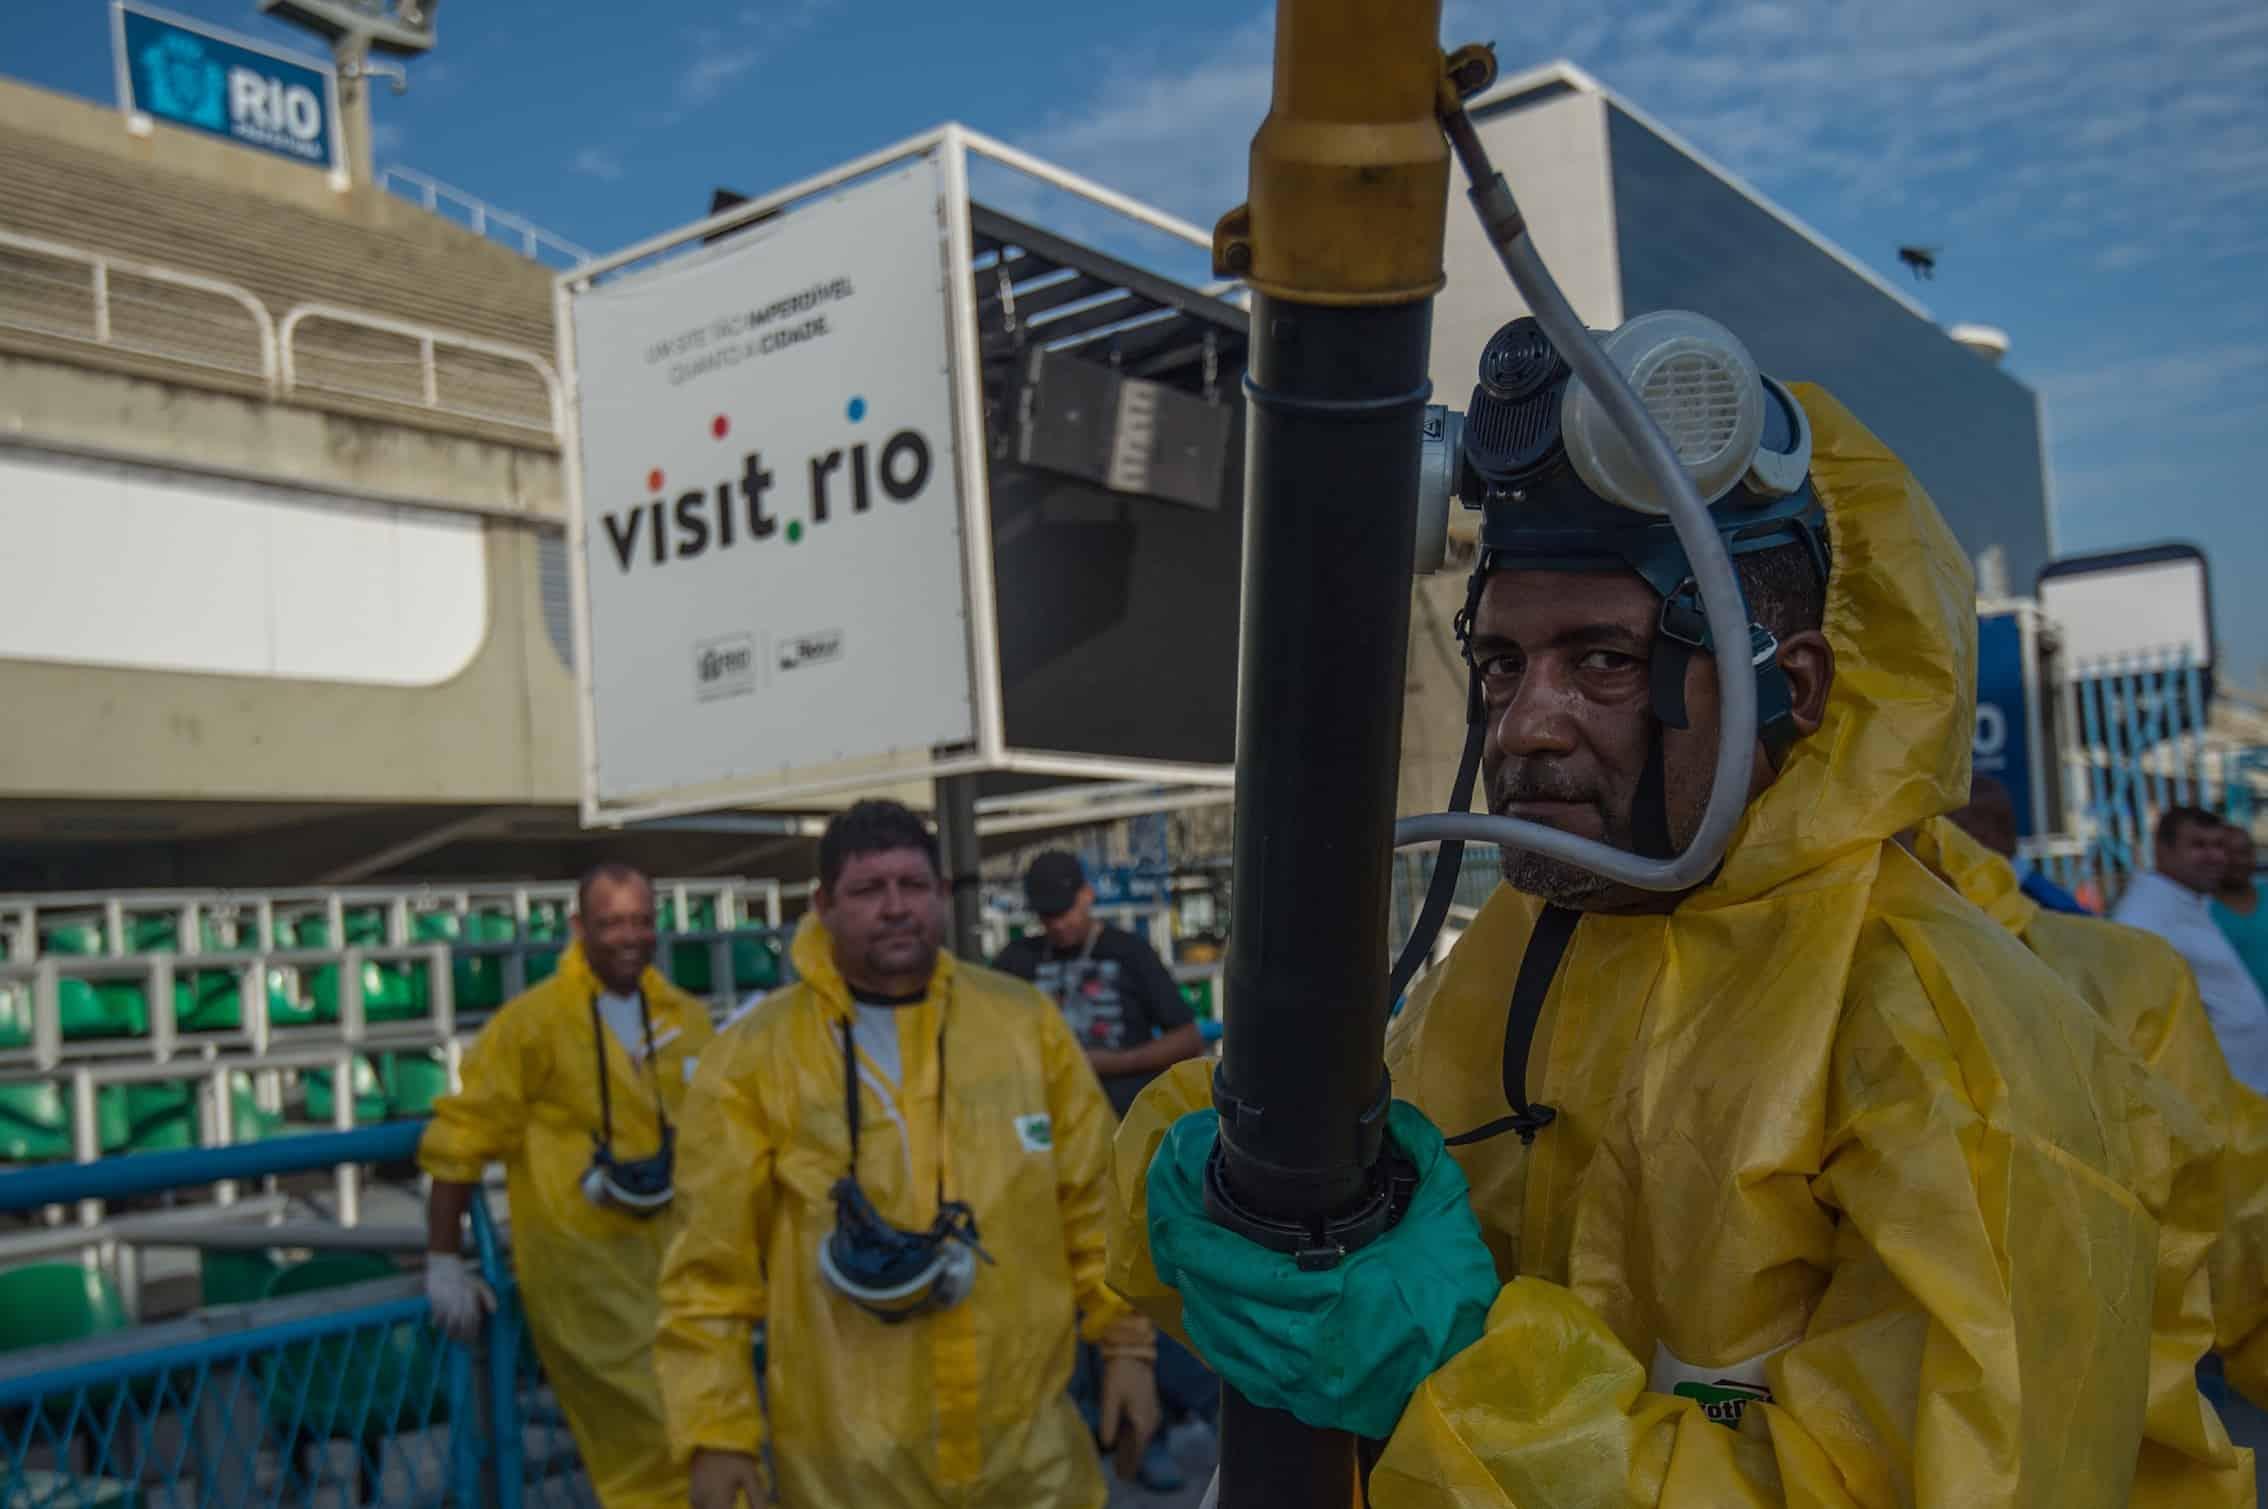 spraying against Zika virus in Brazil